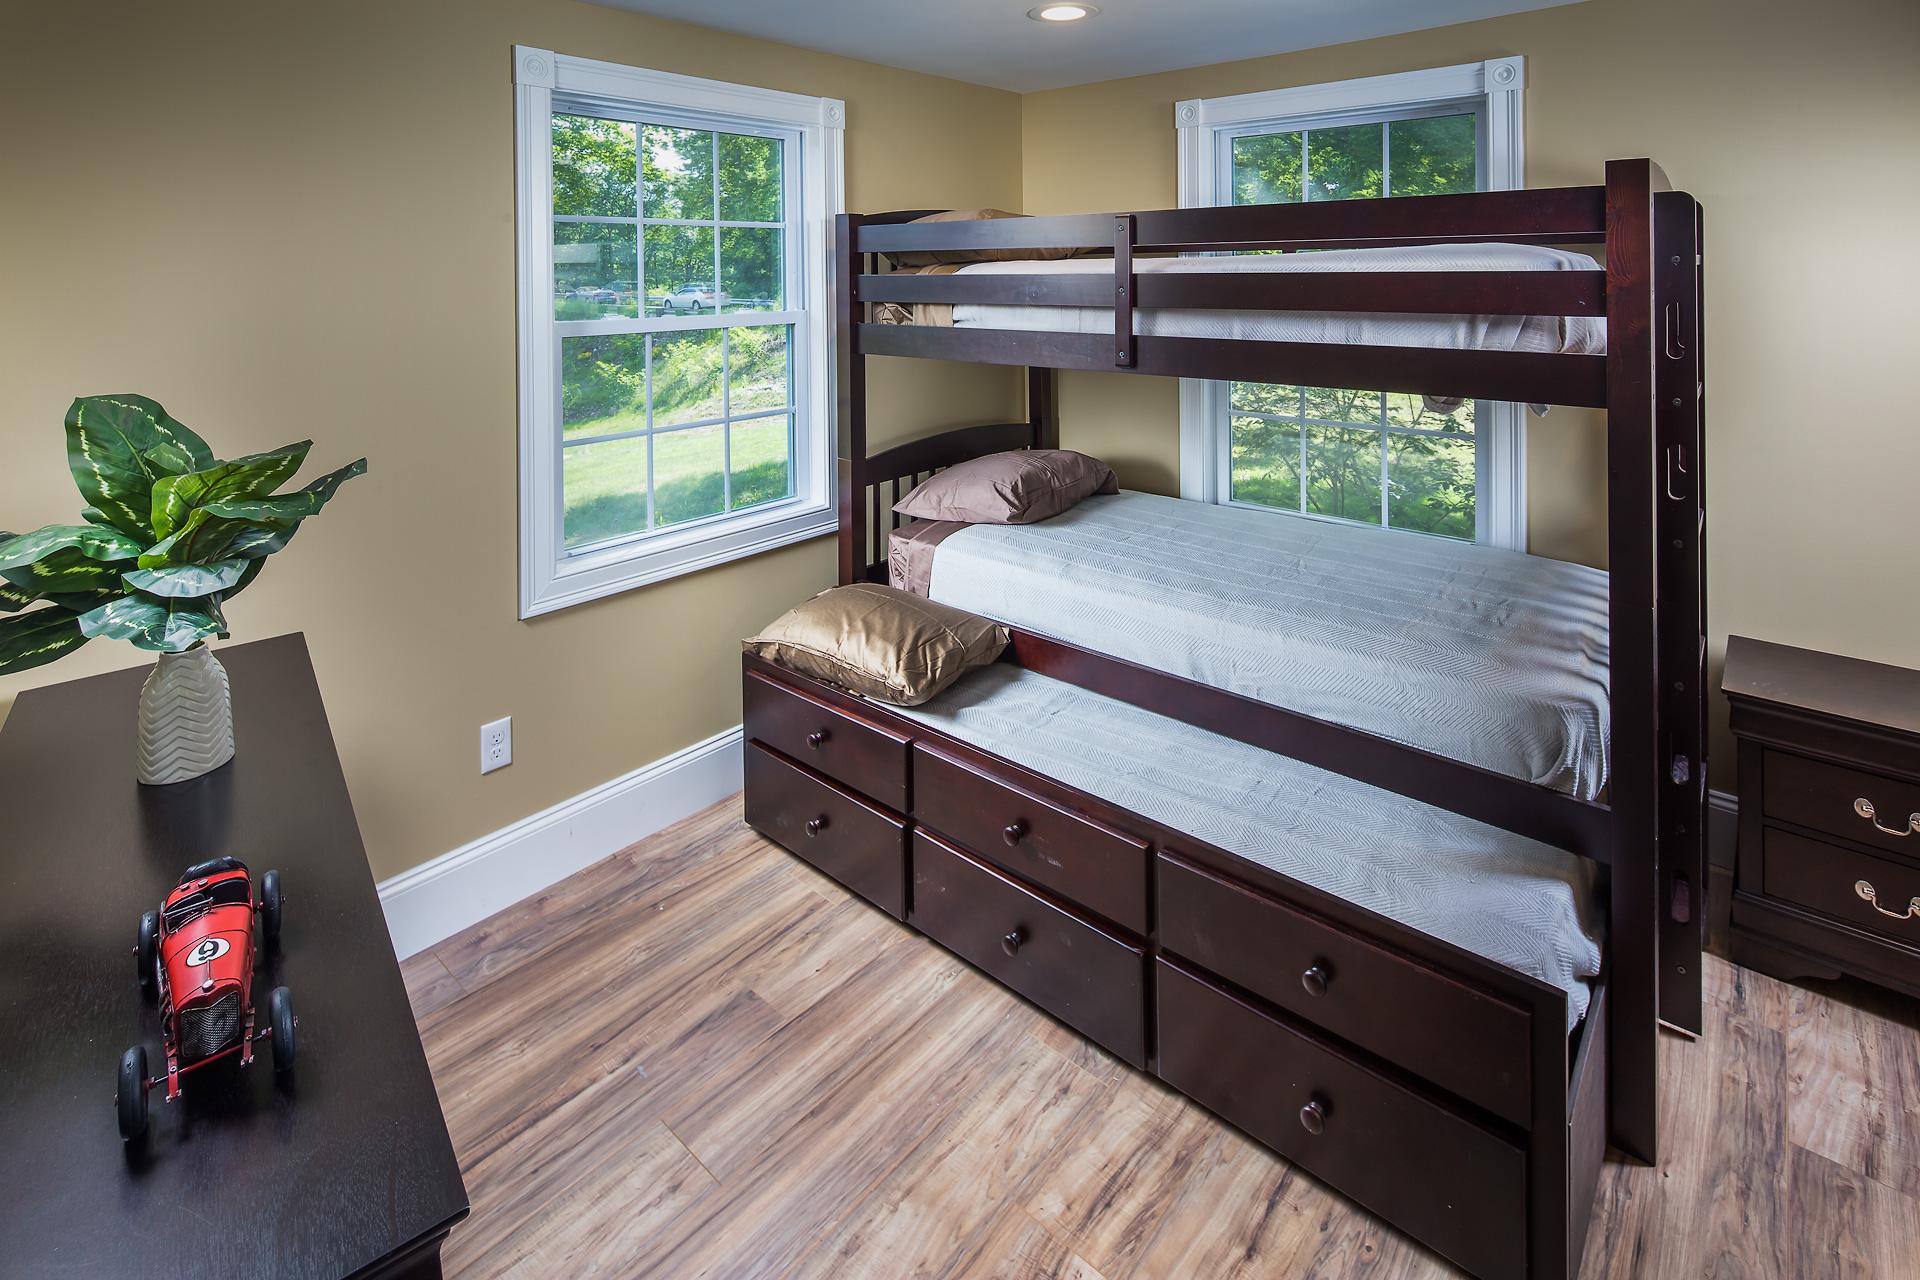 Bedroom-Bunk-Beds